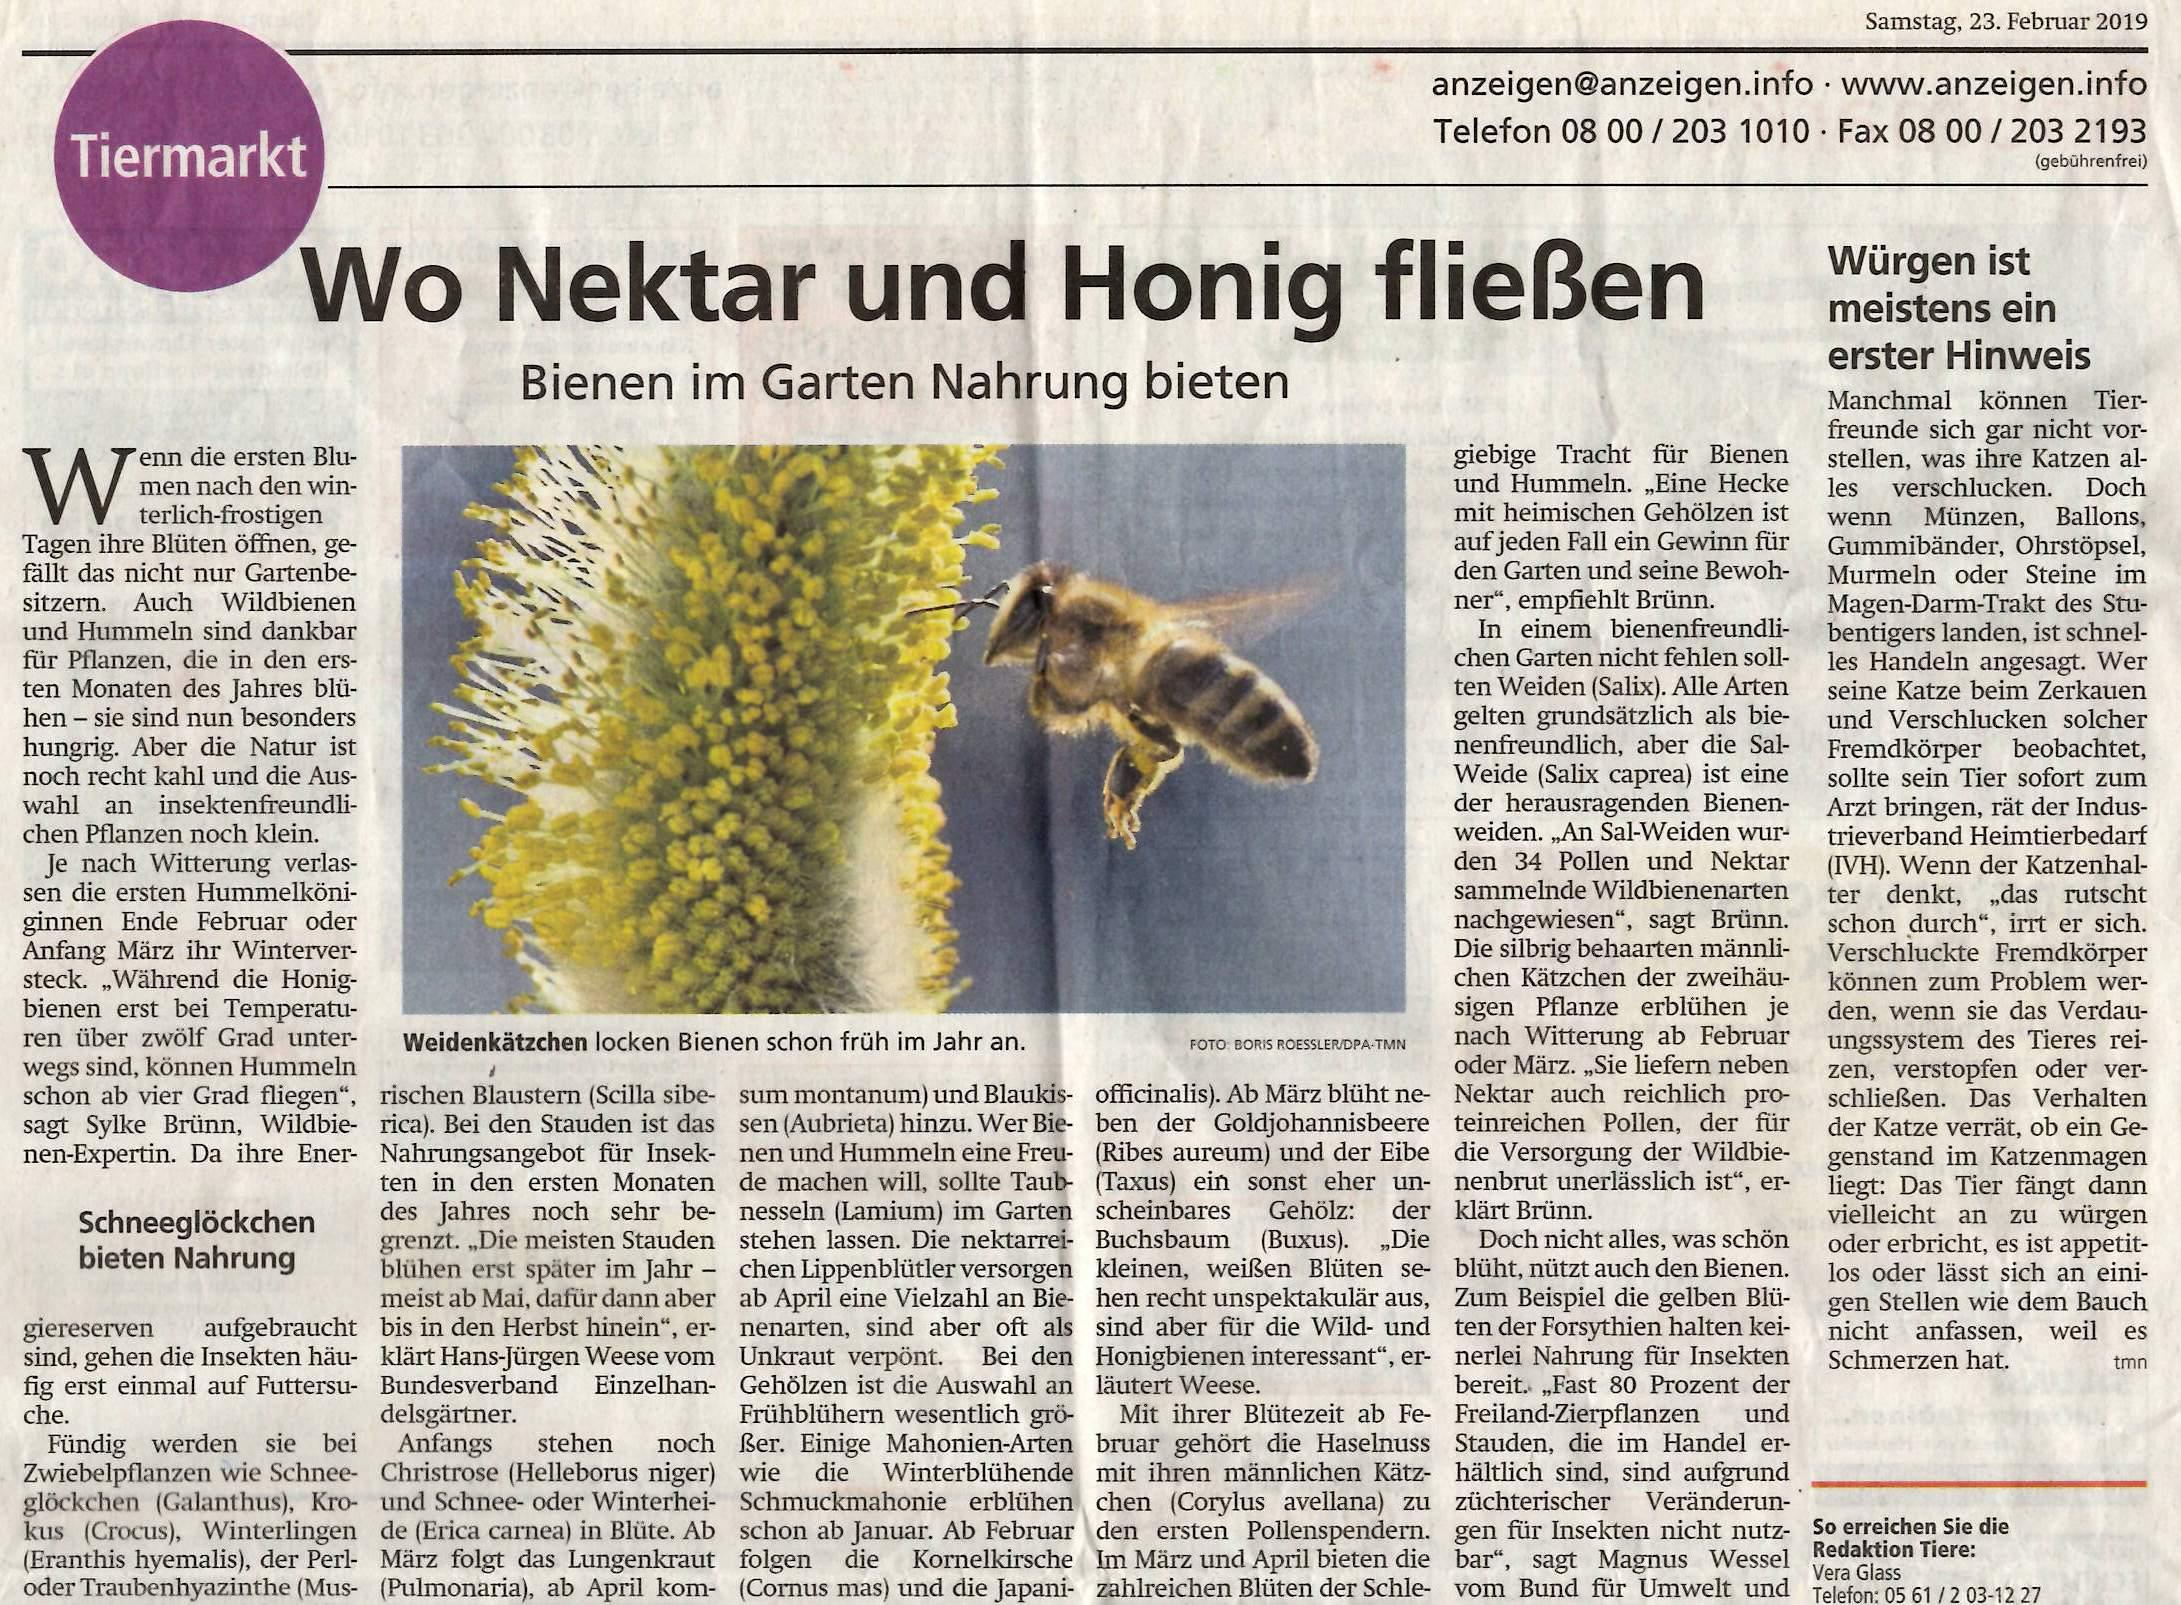 HNA_Artikel_Bienen_23.02.19